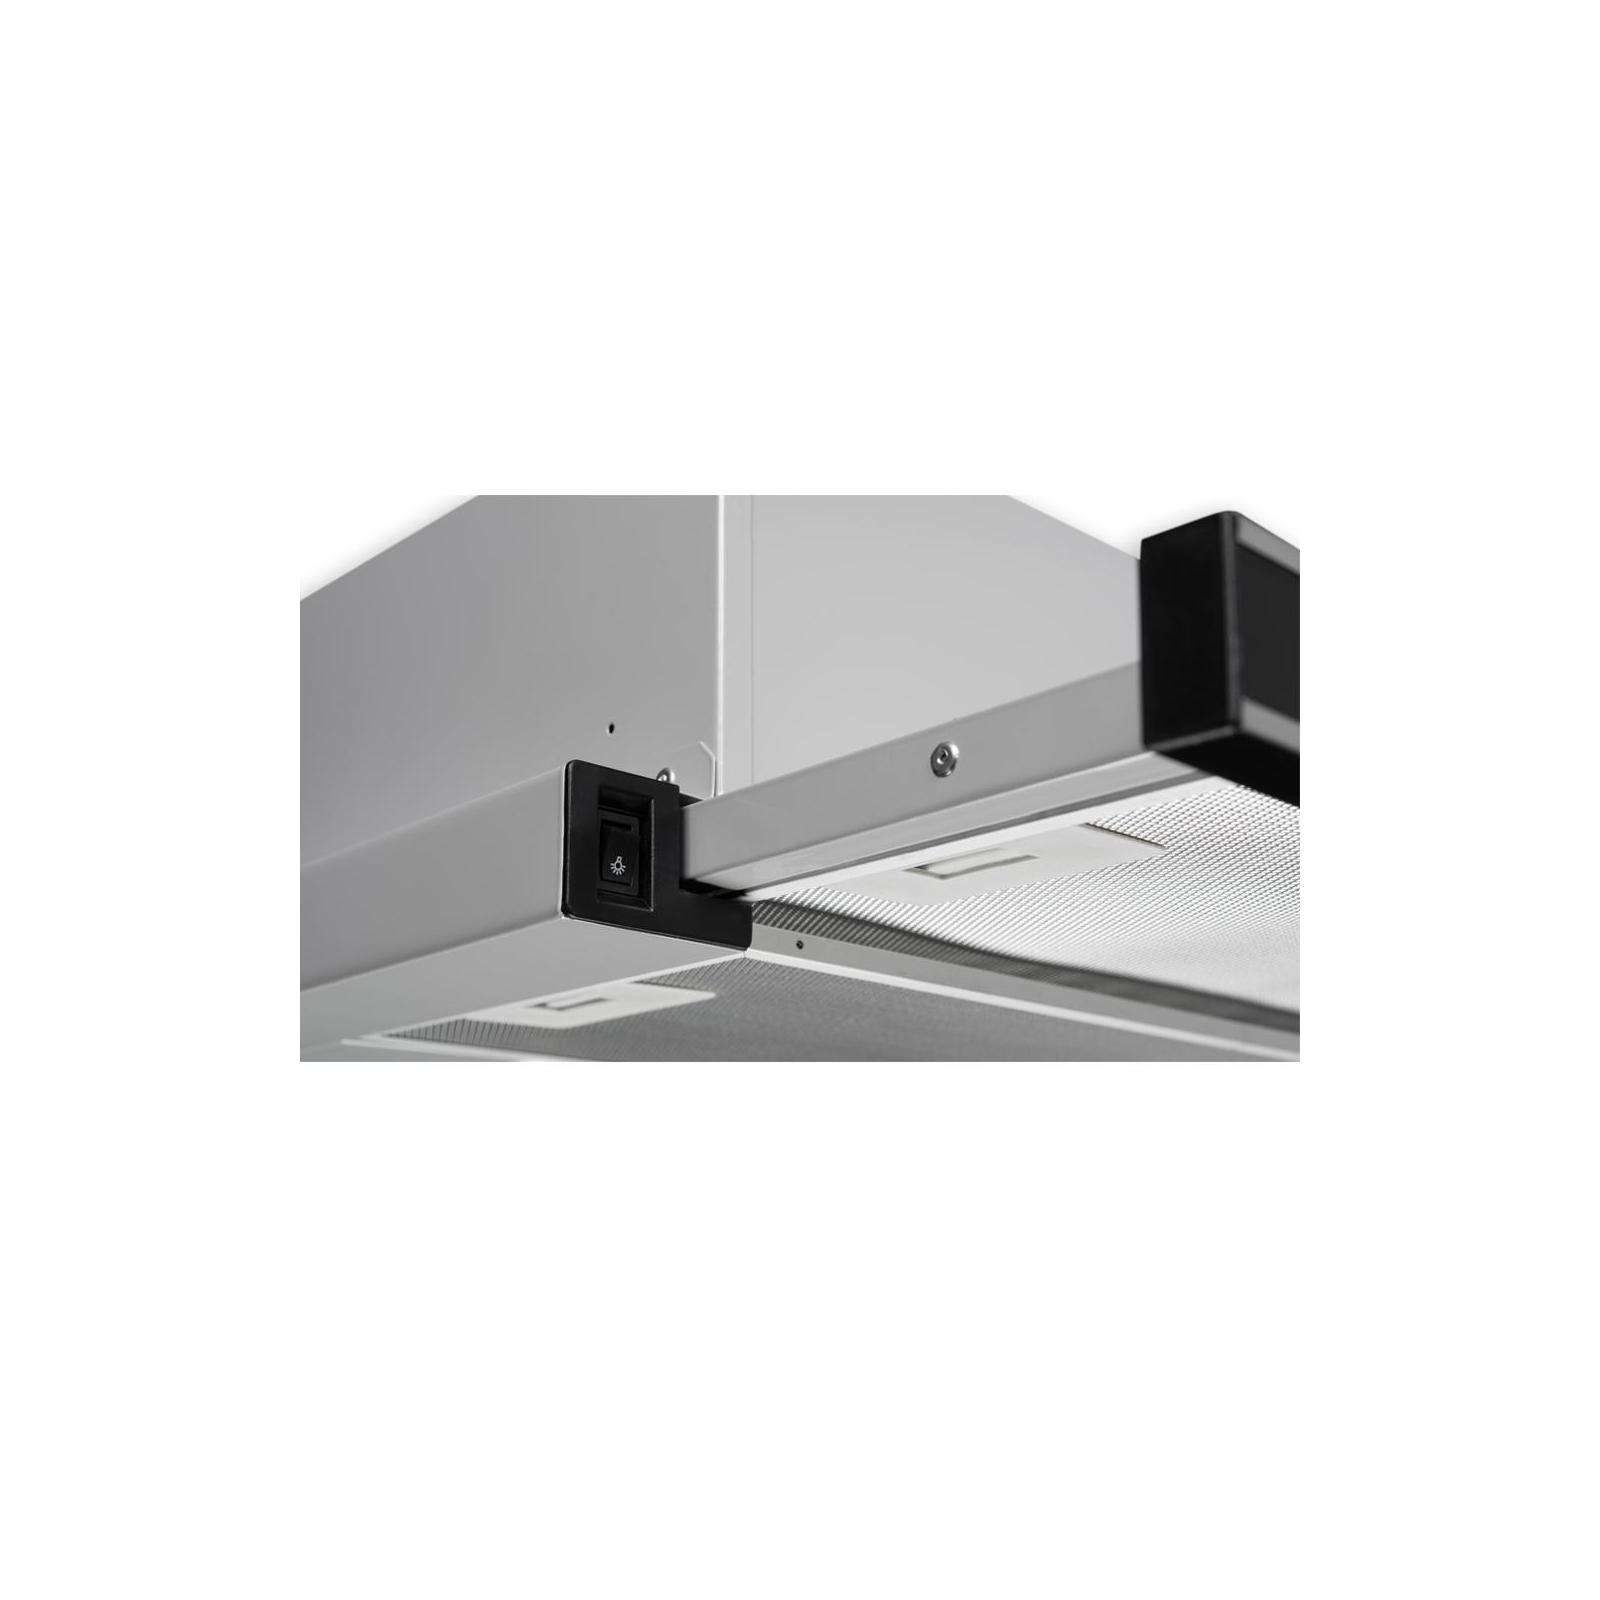 Вытяжка кухонная MINOLA HTL 6172 I/BL GLASS 650 LED изображение 5